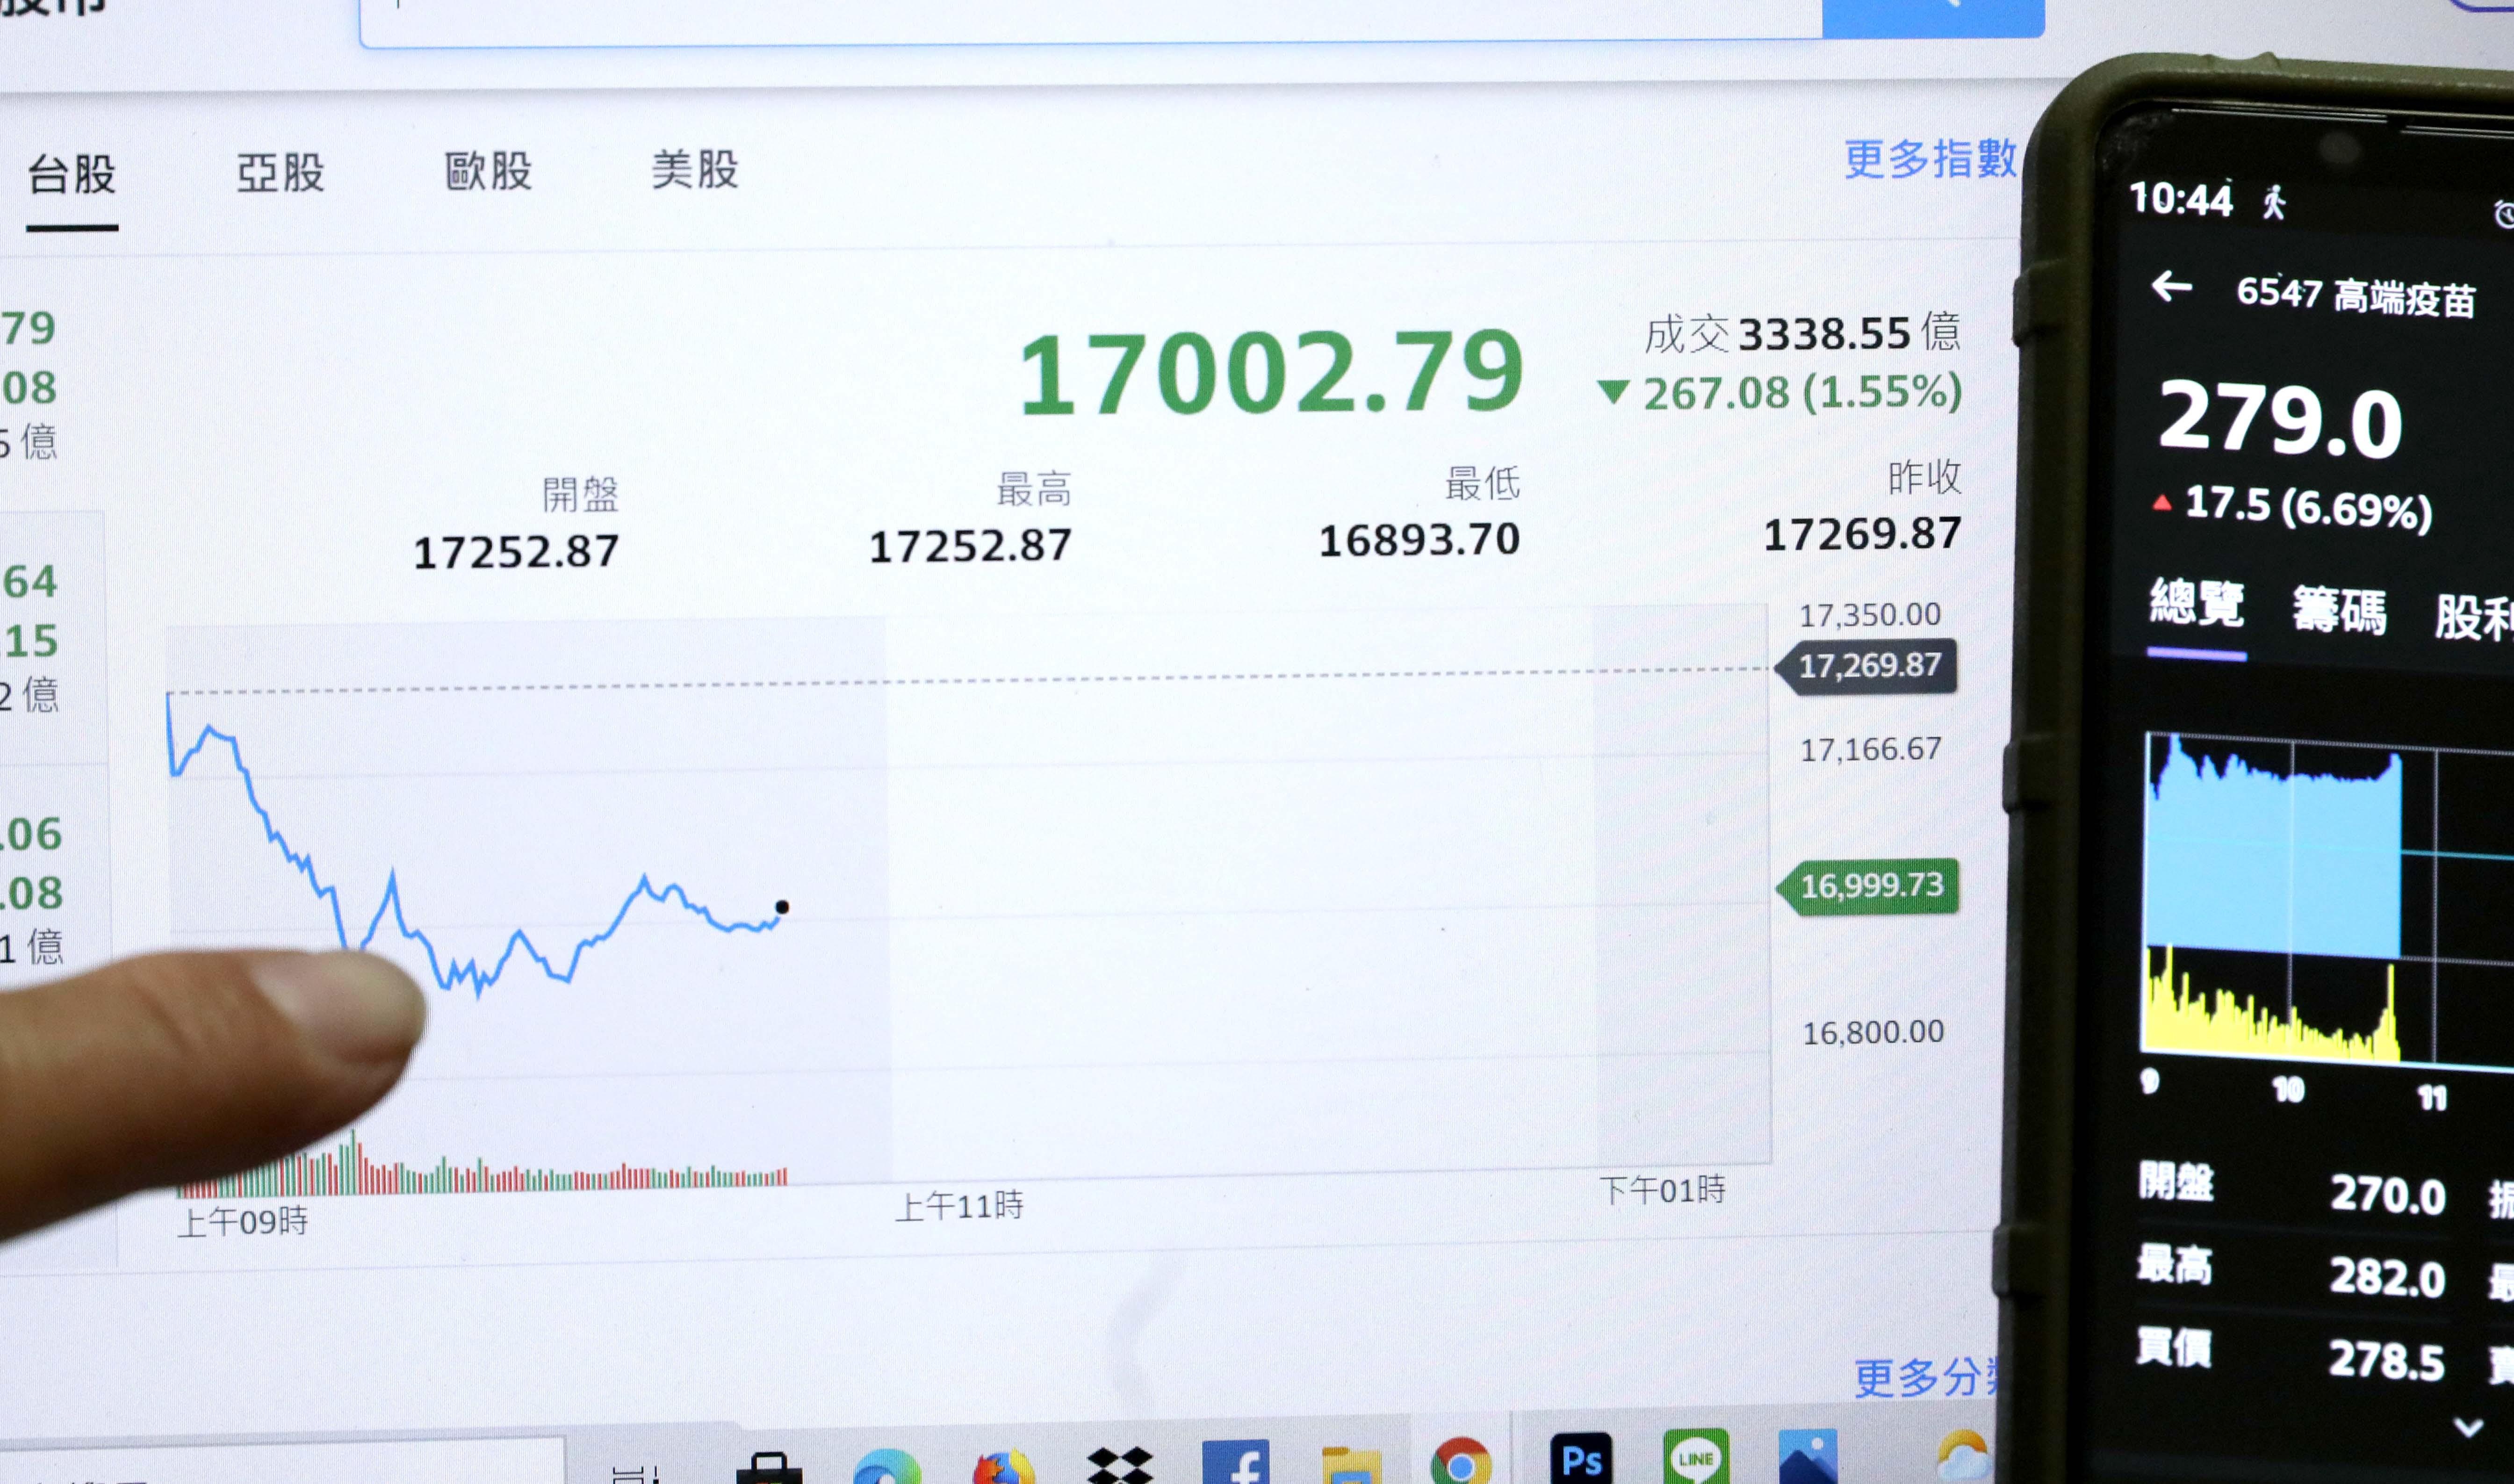 ▲▼台北股市大跌 早盤一度跌破17000點 高端疫苗上漲。(圖/記者屠惠剛攝)